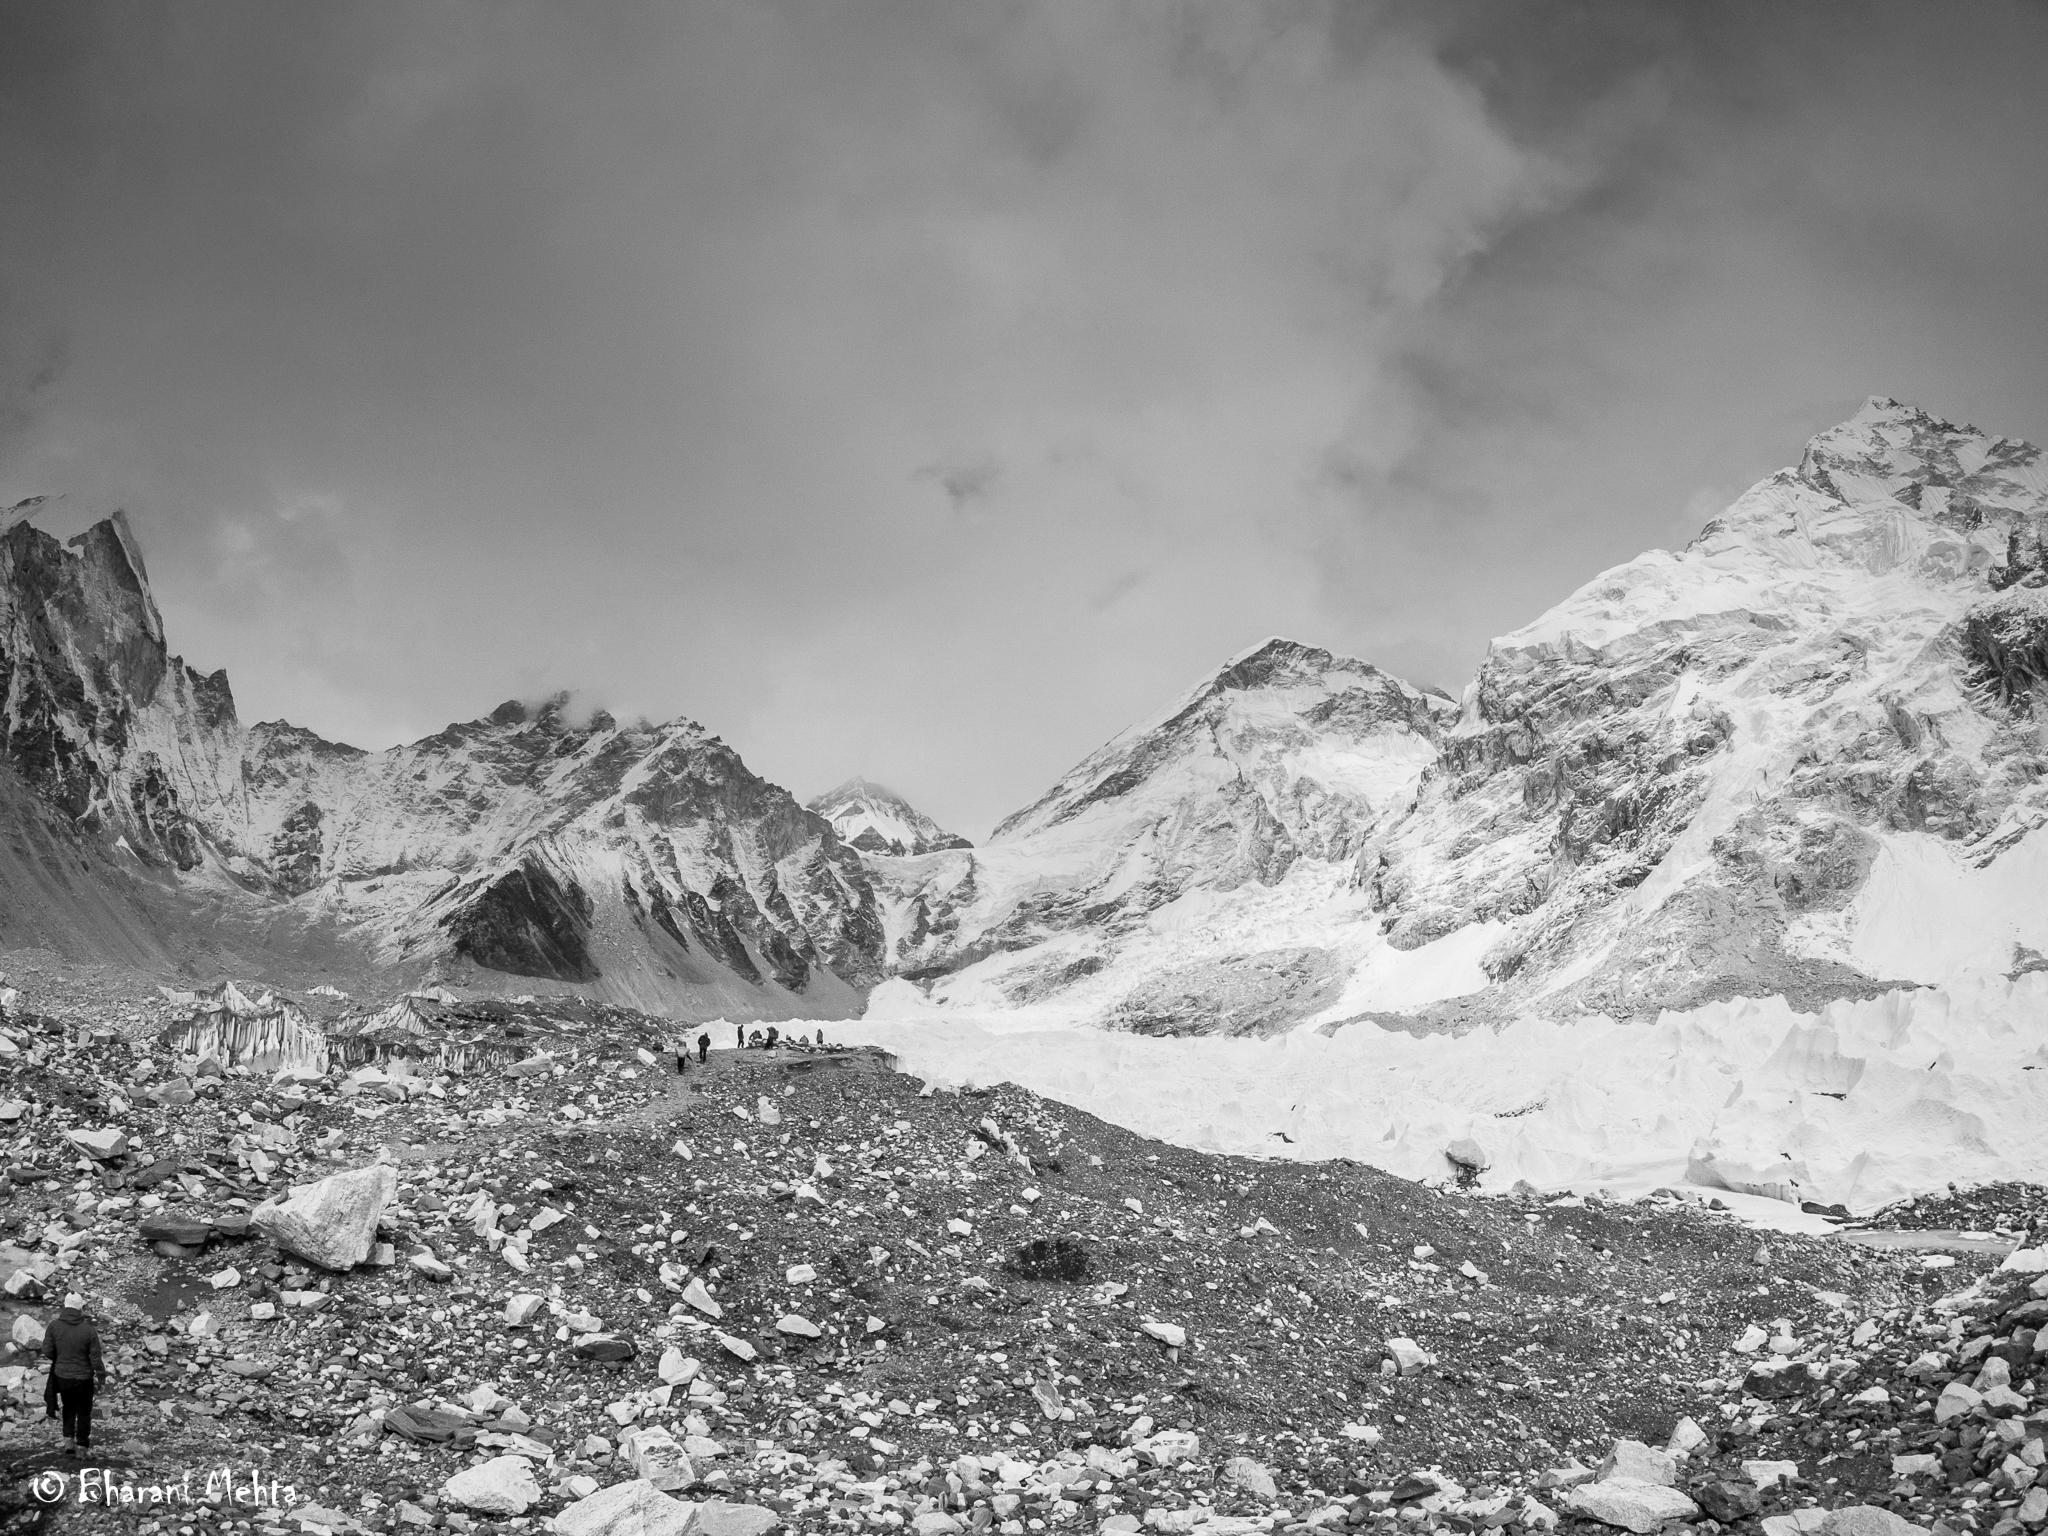 Everest Base Camp - Bharani Mehta